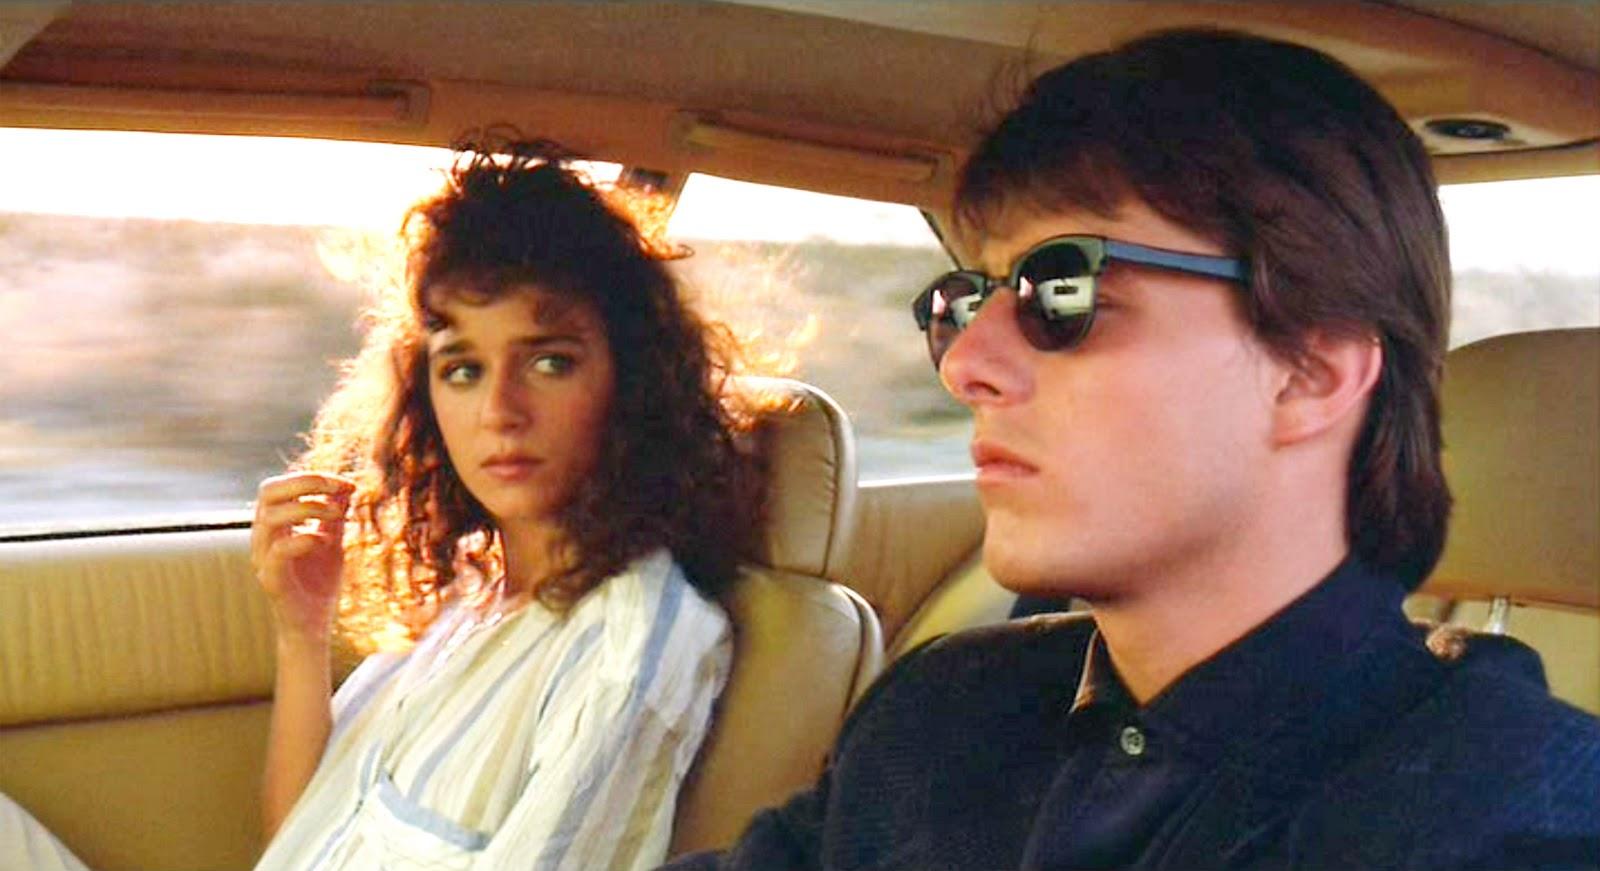 """Valeria Golino: """"Tom Cruise sul set mi portava dei regalini, non ci ha mai provato ma se l'avesse fatto…"""""""